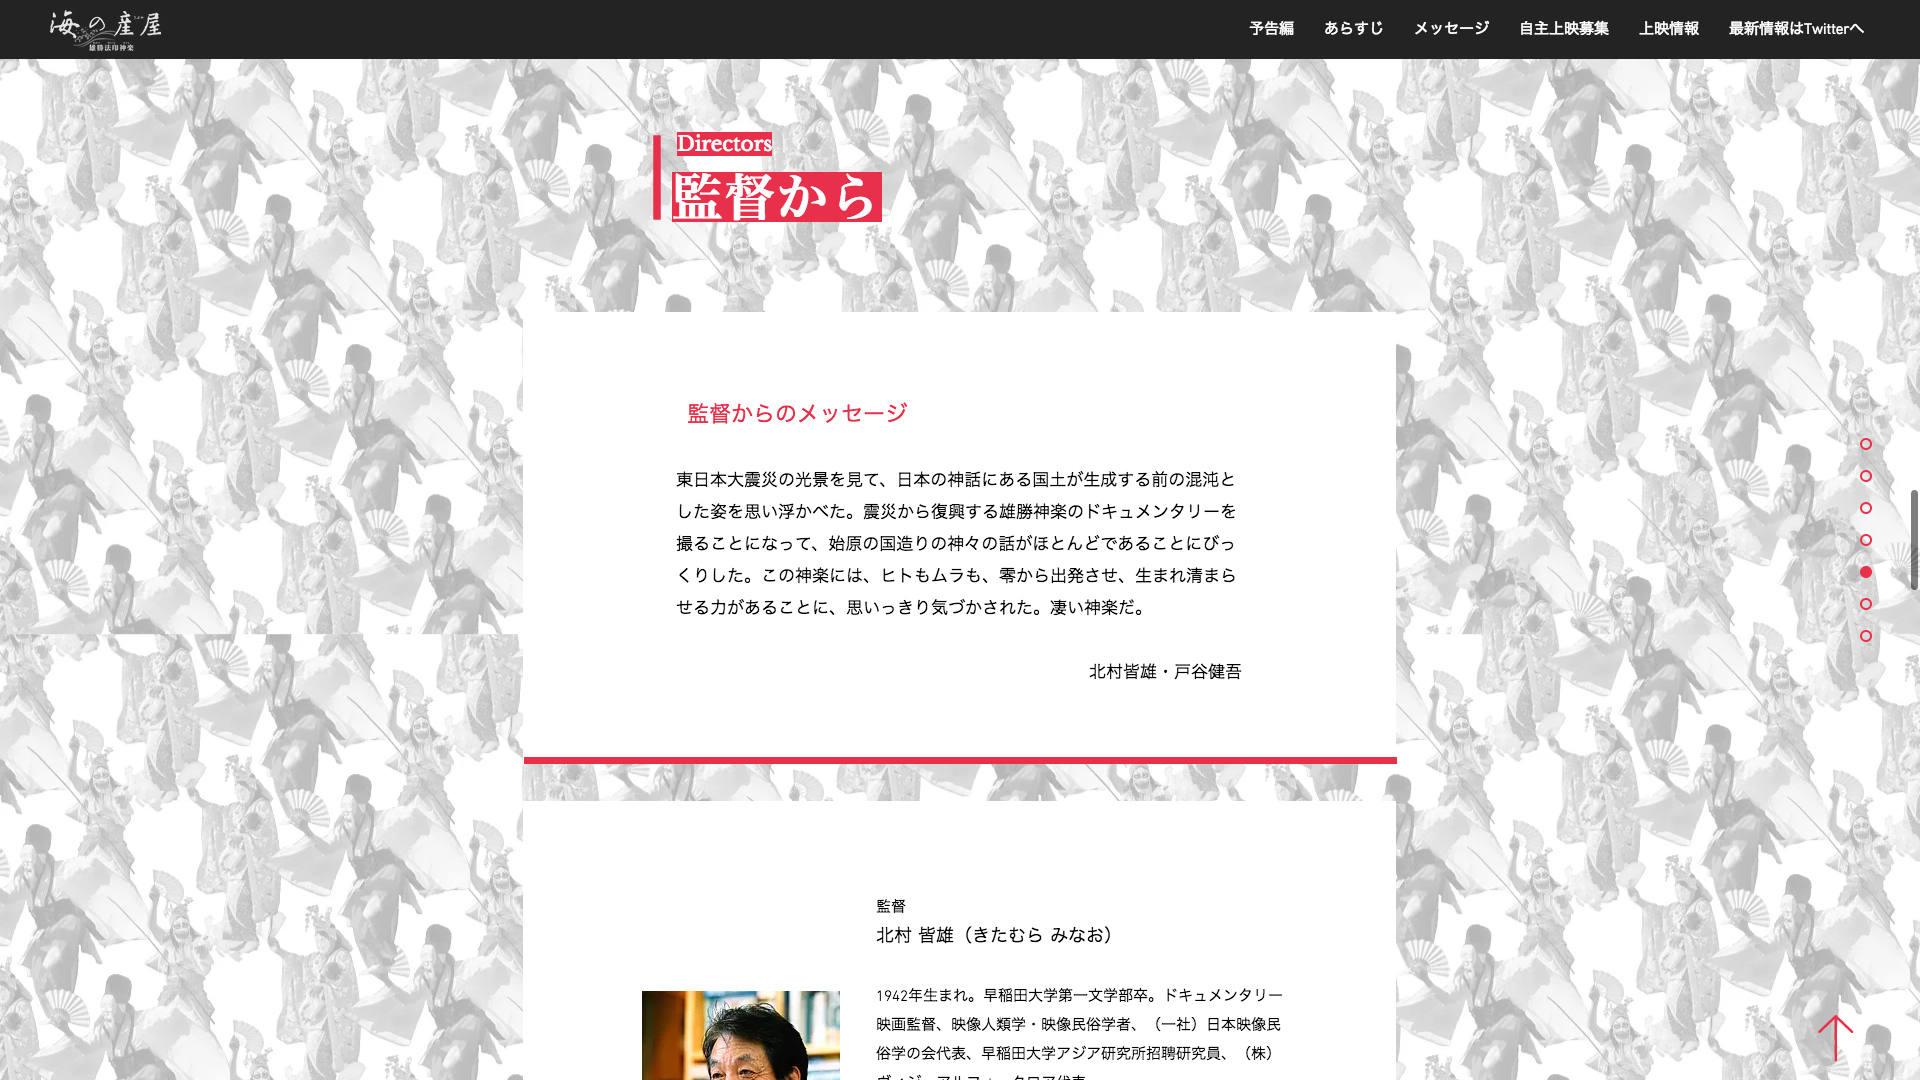 映画「海の産屋 雄勝法印神楽」ホームページ